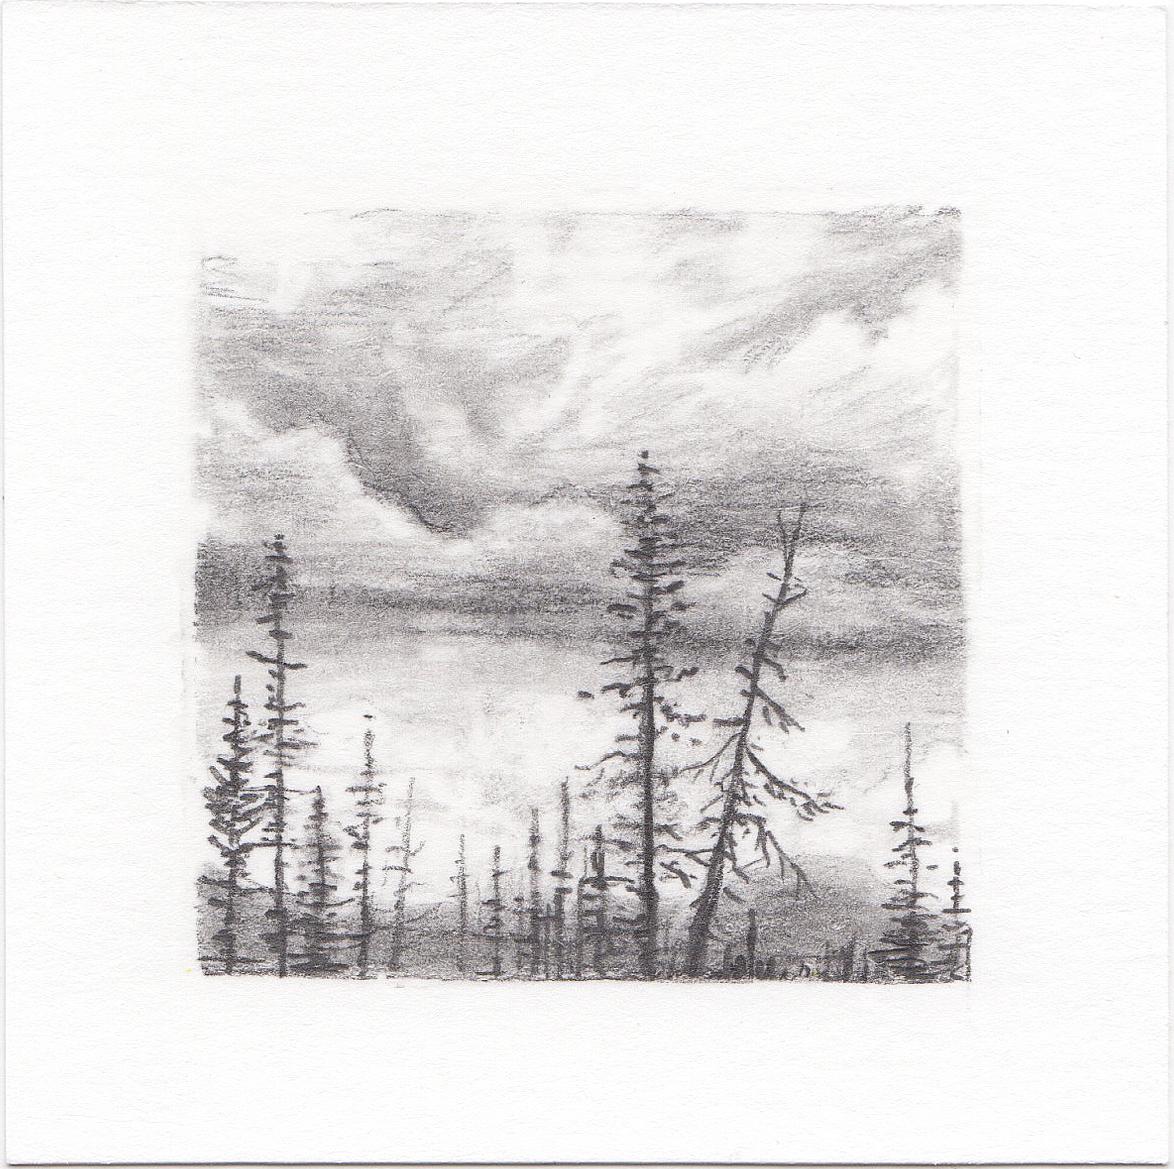 #38 Long Lake, Uinta Mountains, Utah | 3x3 | graphite